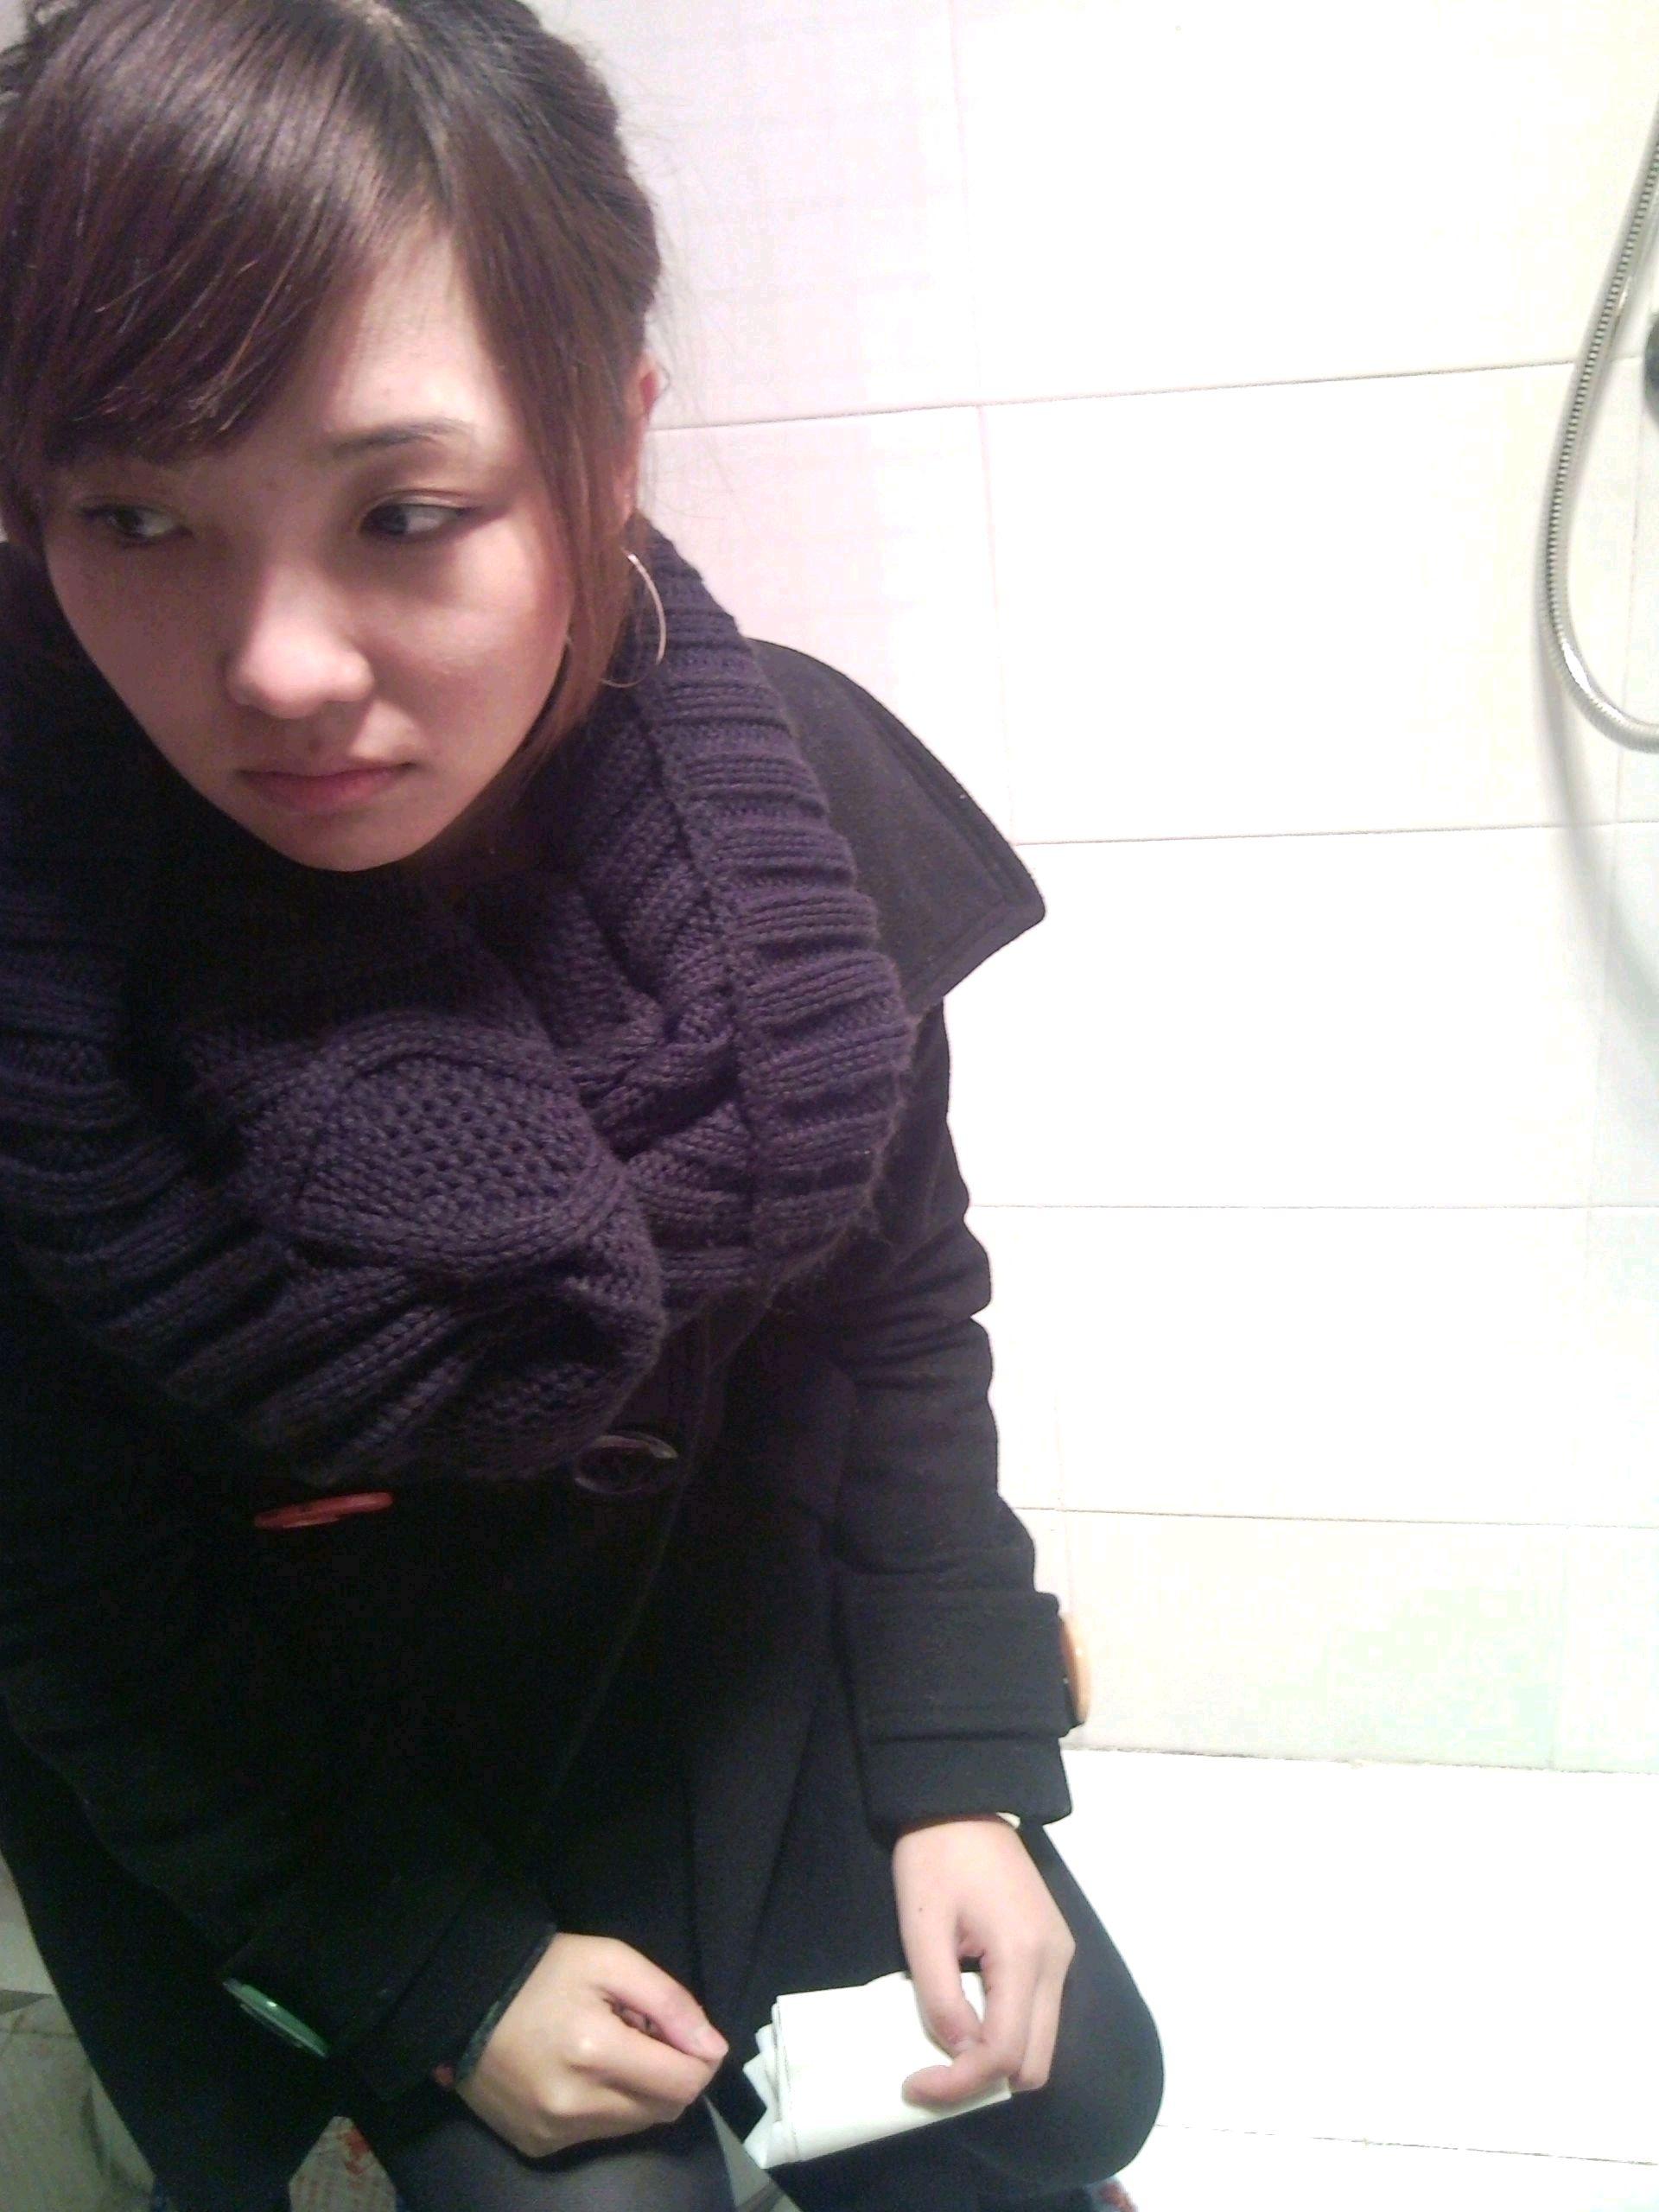 美女上厕所小便全过程_偷拍公厕美女 - www.qiqiapk.com